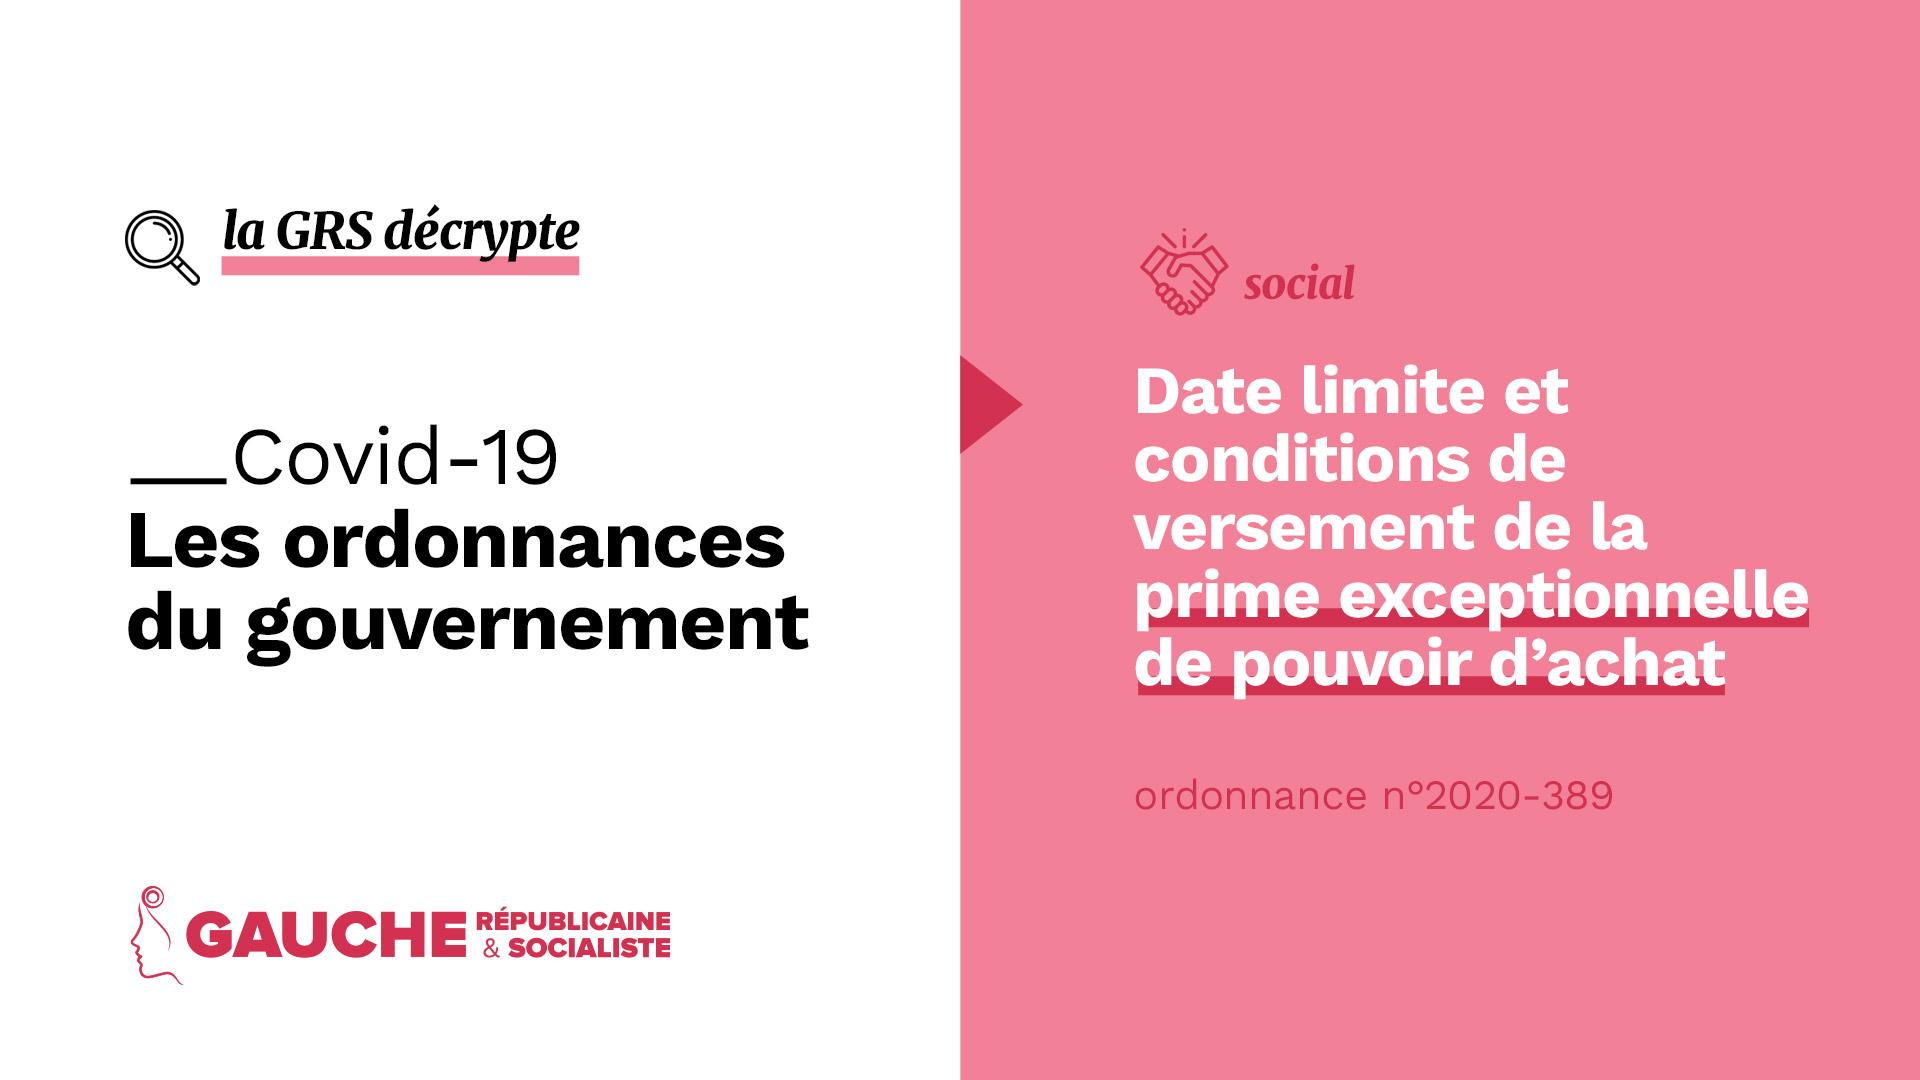 Ordonnance n° 2020-385 du 1er avril 2020 modifiant la date limite et les conditions de versement de la prime exceptionnelle de pouvoir d'achat